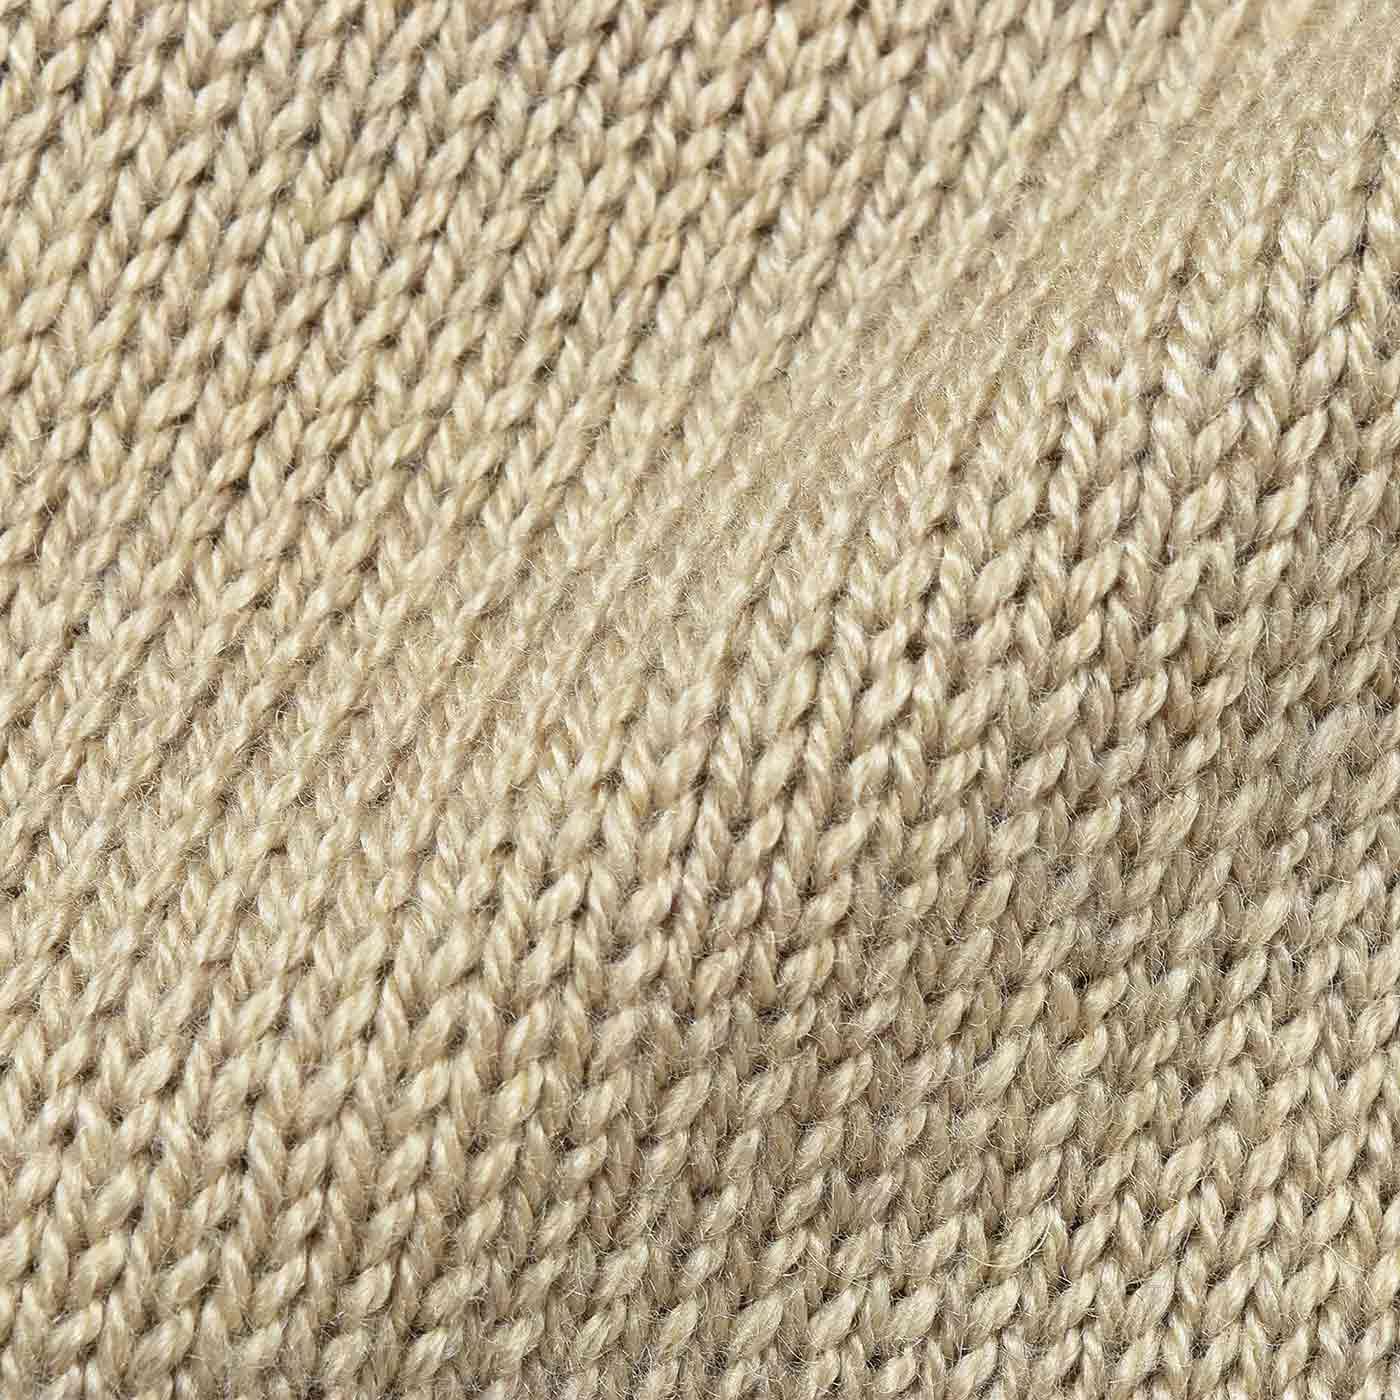 上品な印象の編み地が着まわしやすい。